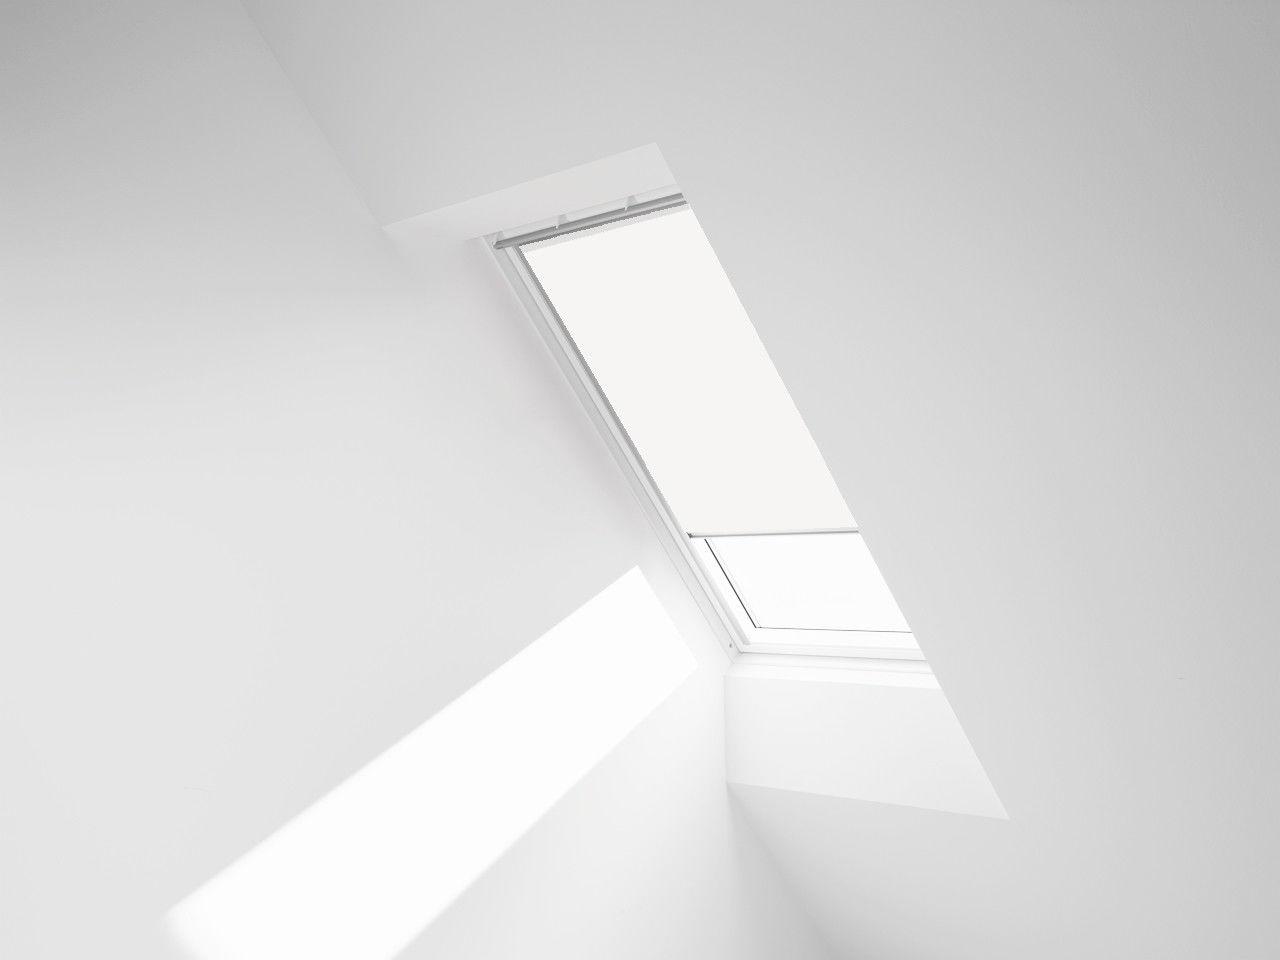 ROLETA ZACIEMNIAJĄCA ROOFART DUR - kolor 4208 (biały) - 78x98 M4A